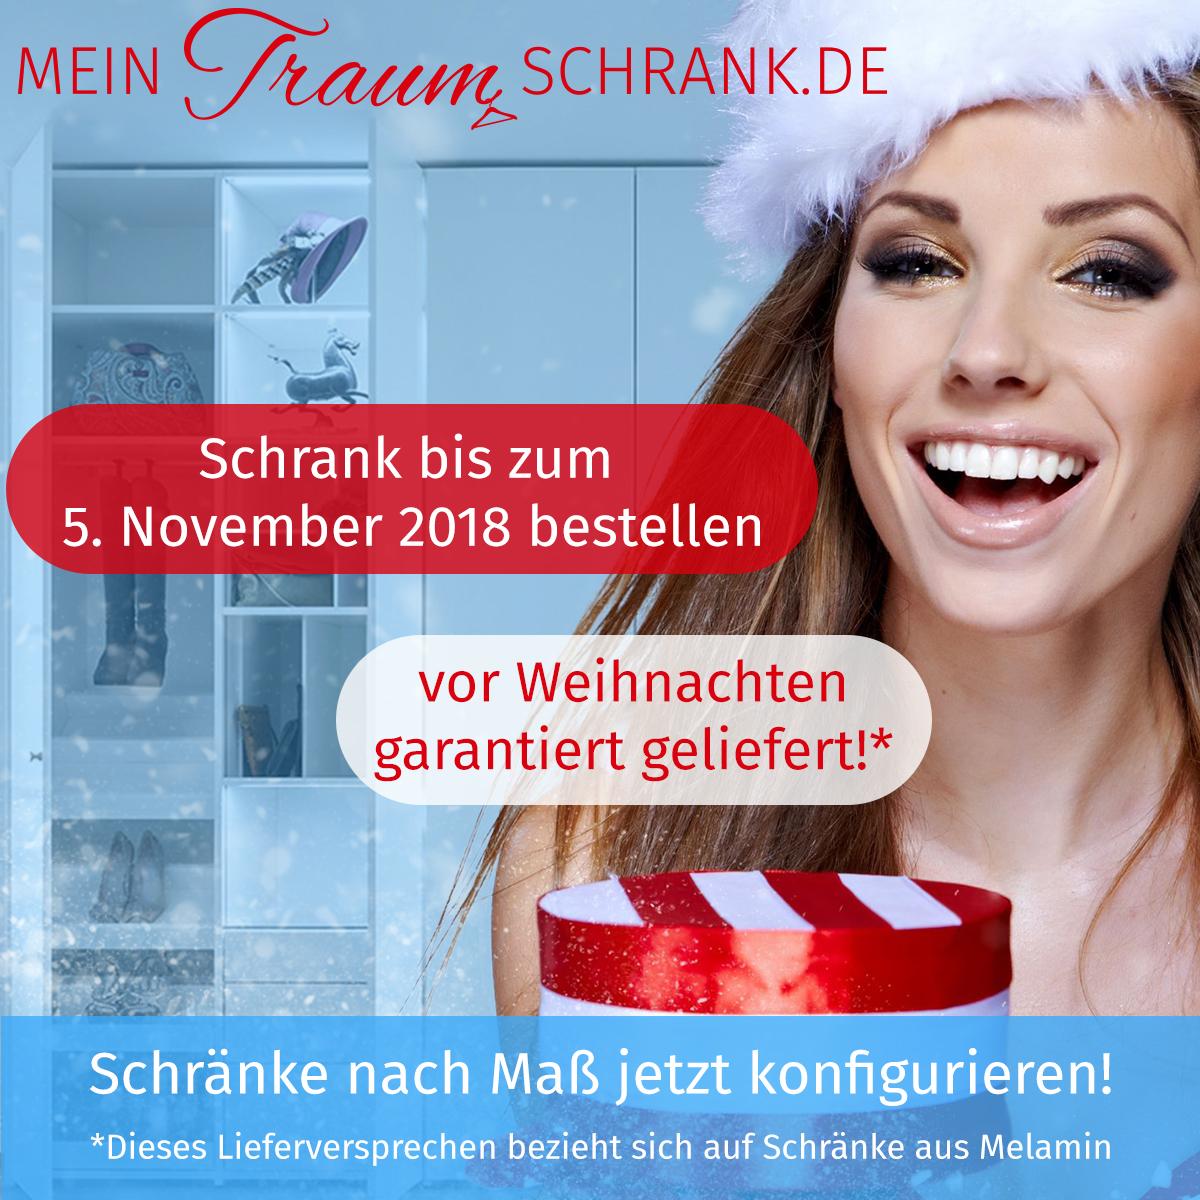 Schrank online bestellen